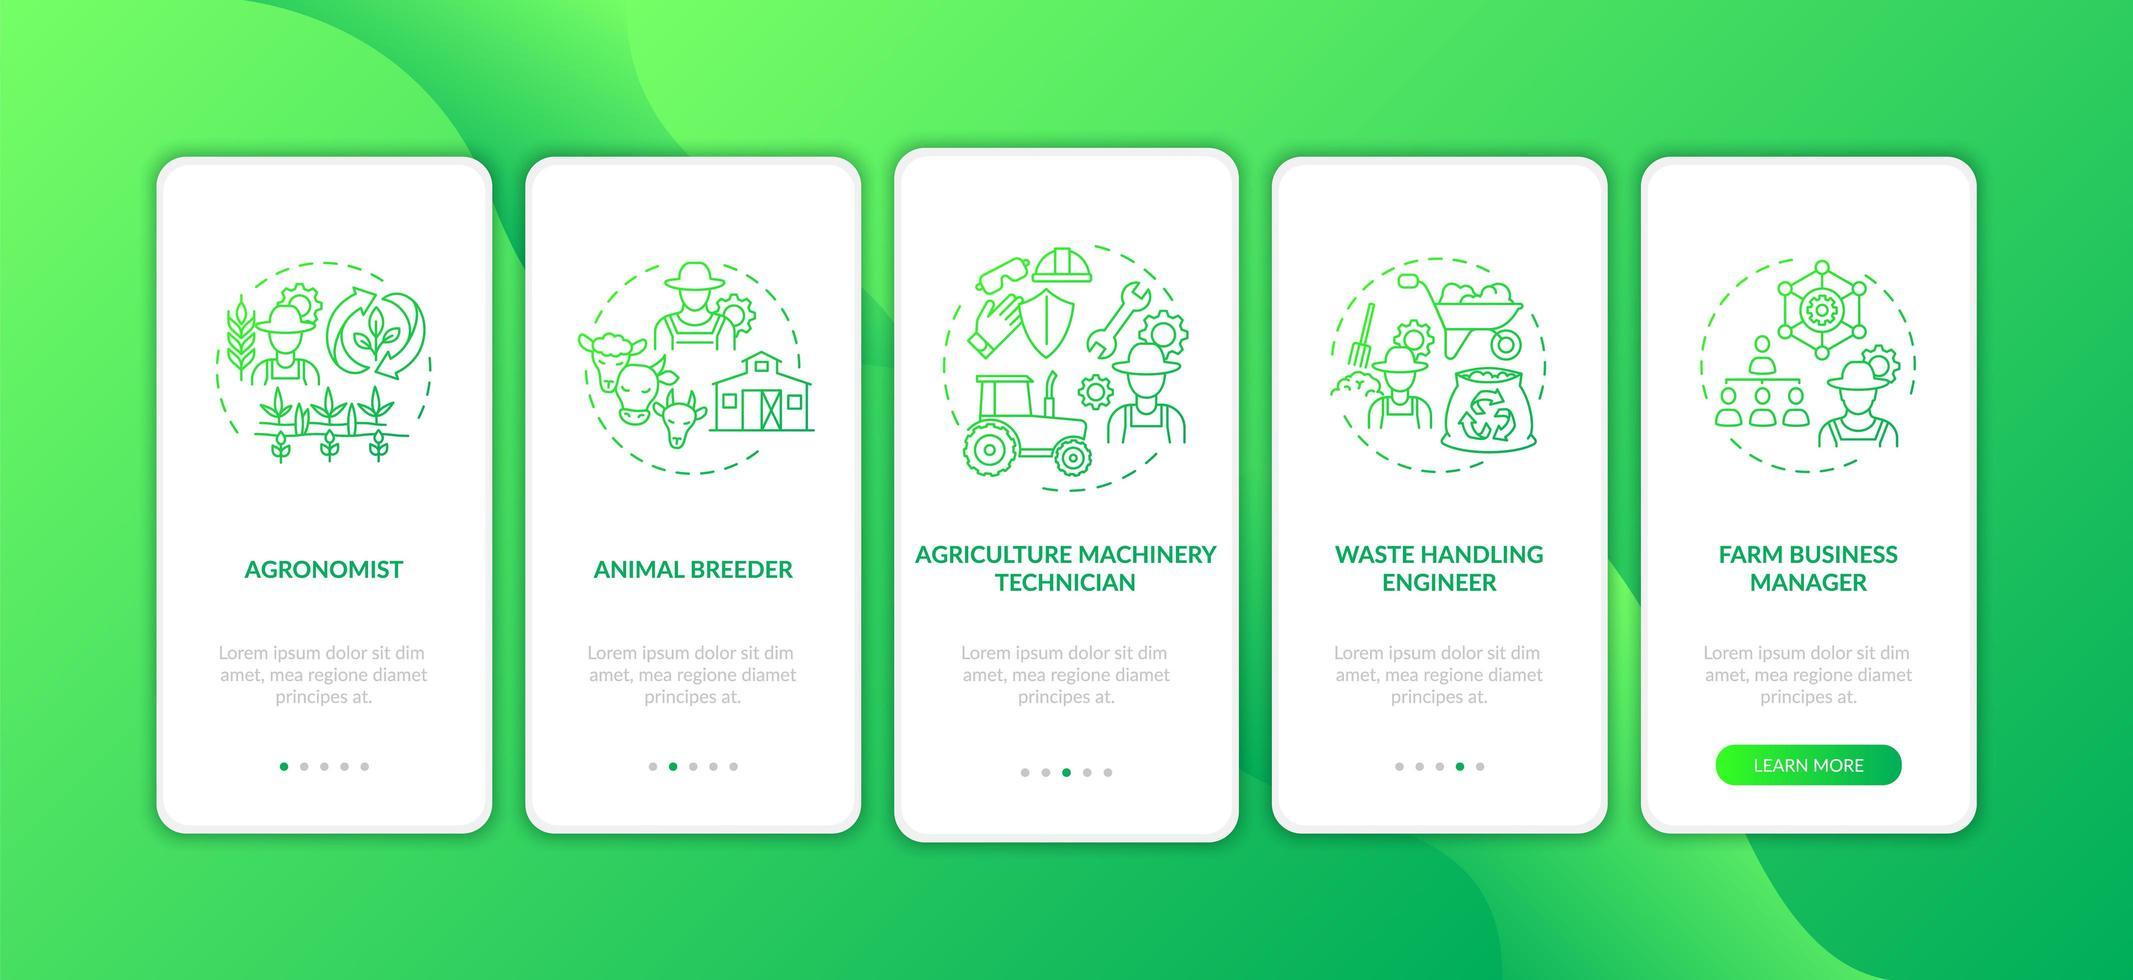 Top Landwirtschaft Karriere Onboarding Mobile App Seite Bildschirm mit Konzepten vektor